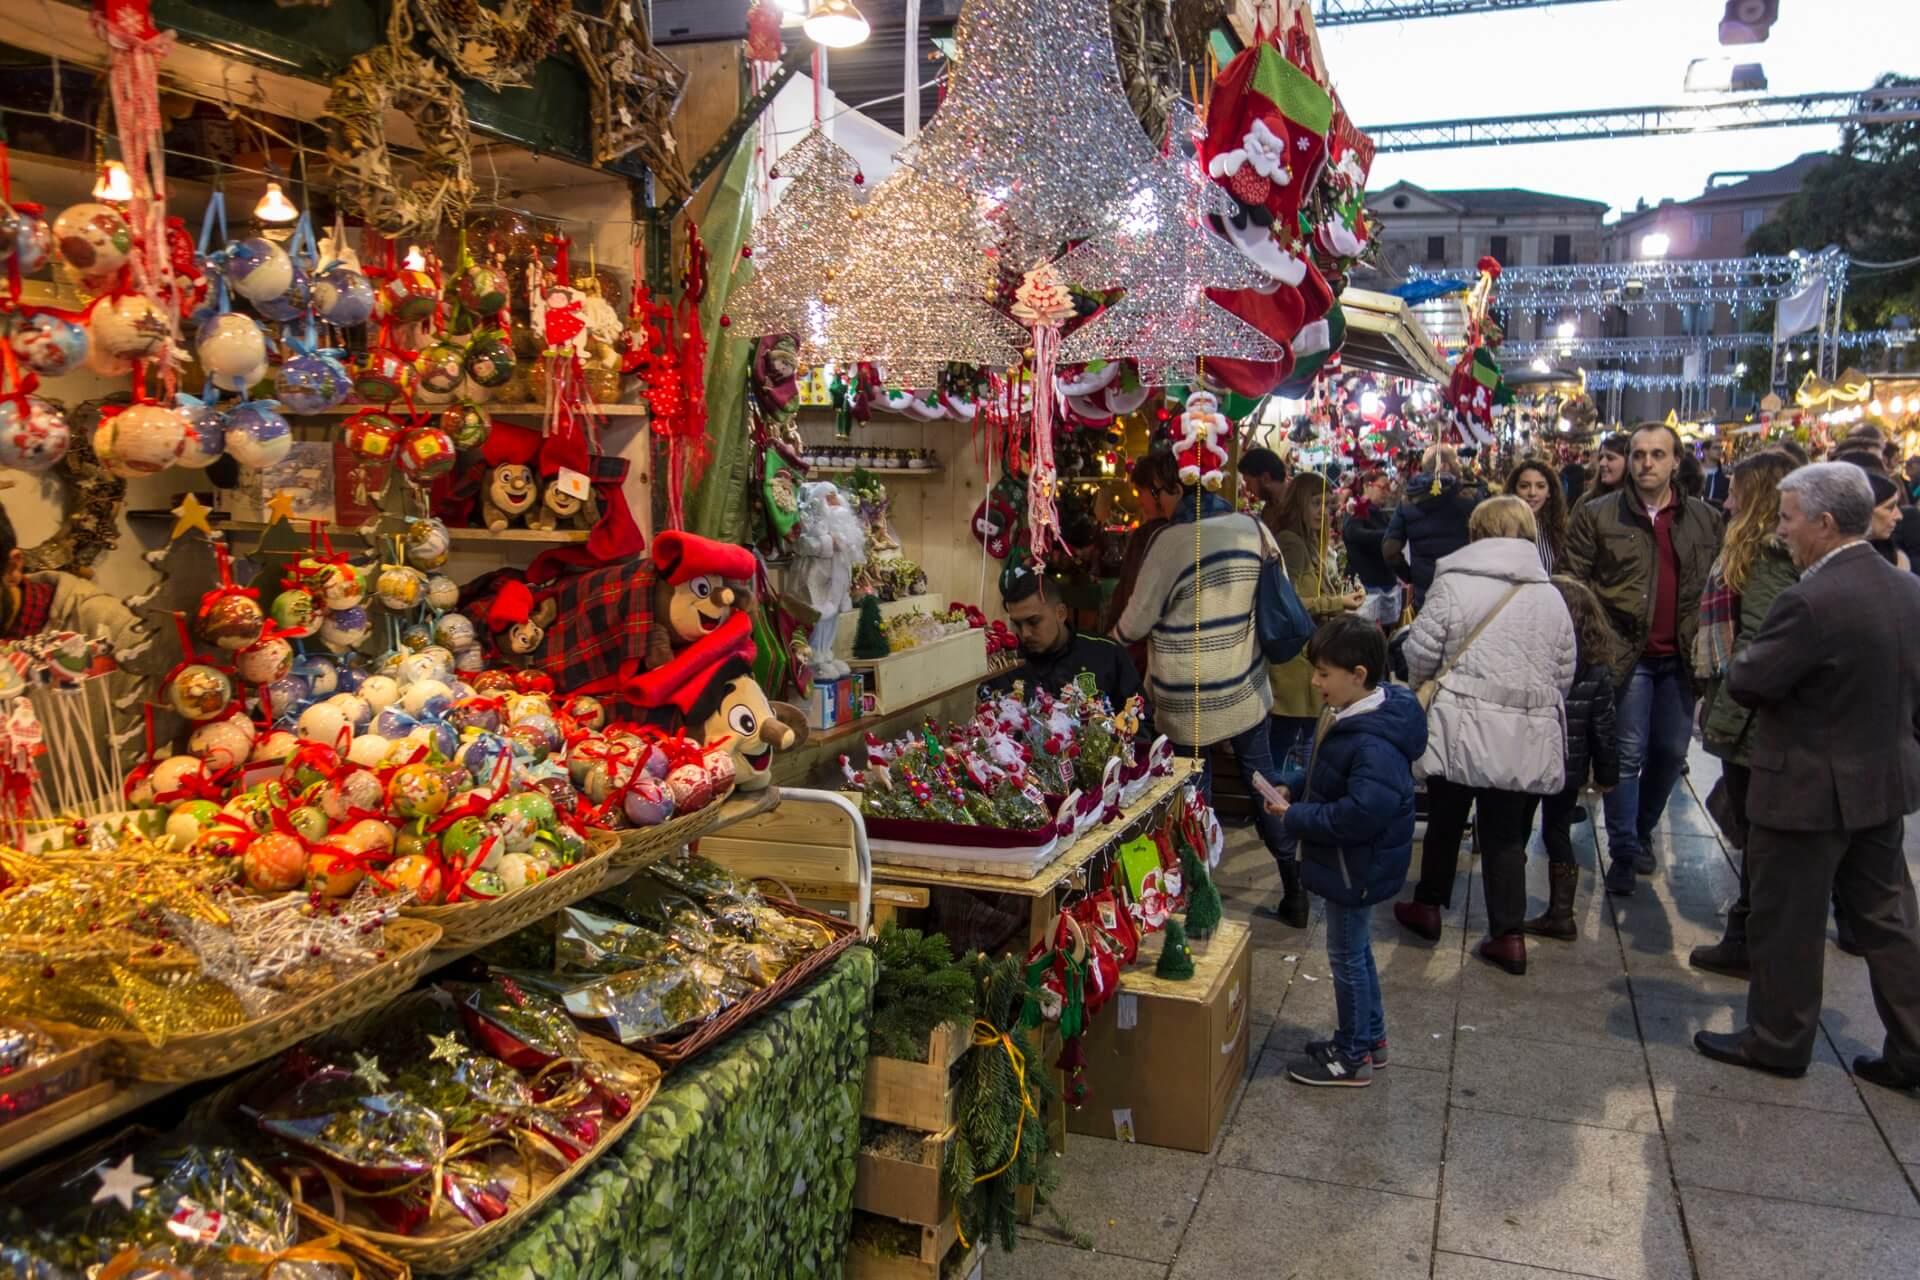 Wer Bringt Weihnachtsgeschenke In Spanien.So Wird Weihnachten Weltweit Gefeiert